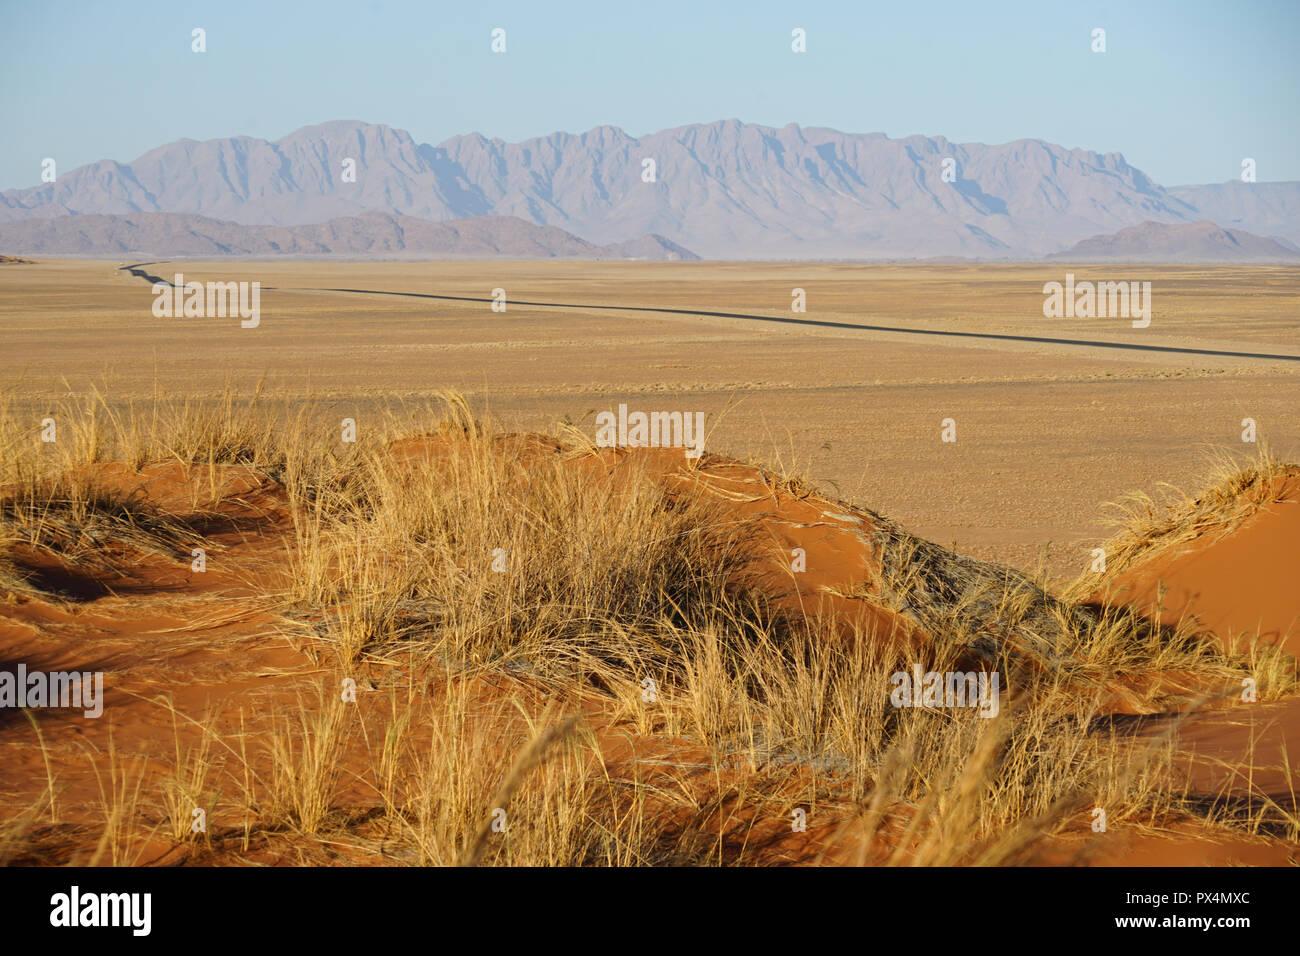 Blick auf die Straße von Sesriem zur Sossusvlei Düne, Namibia, Afrika - Stock Image